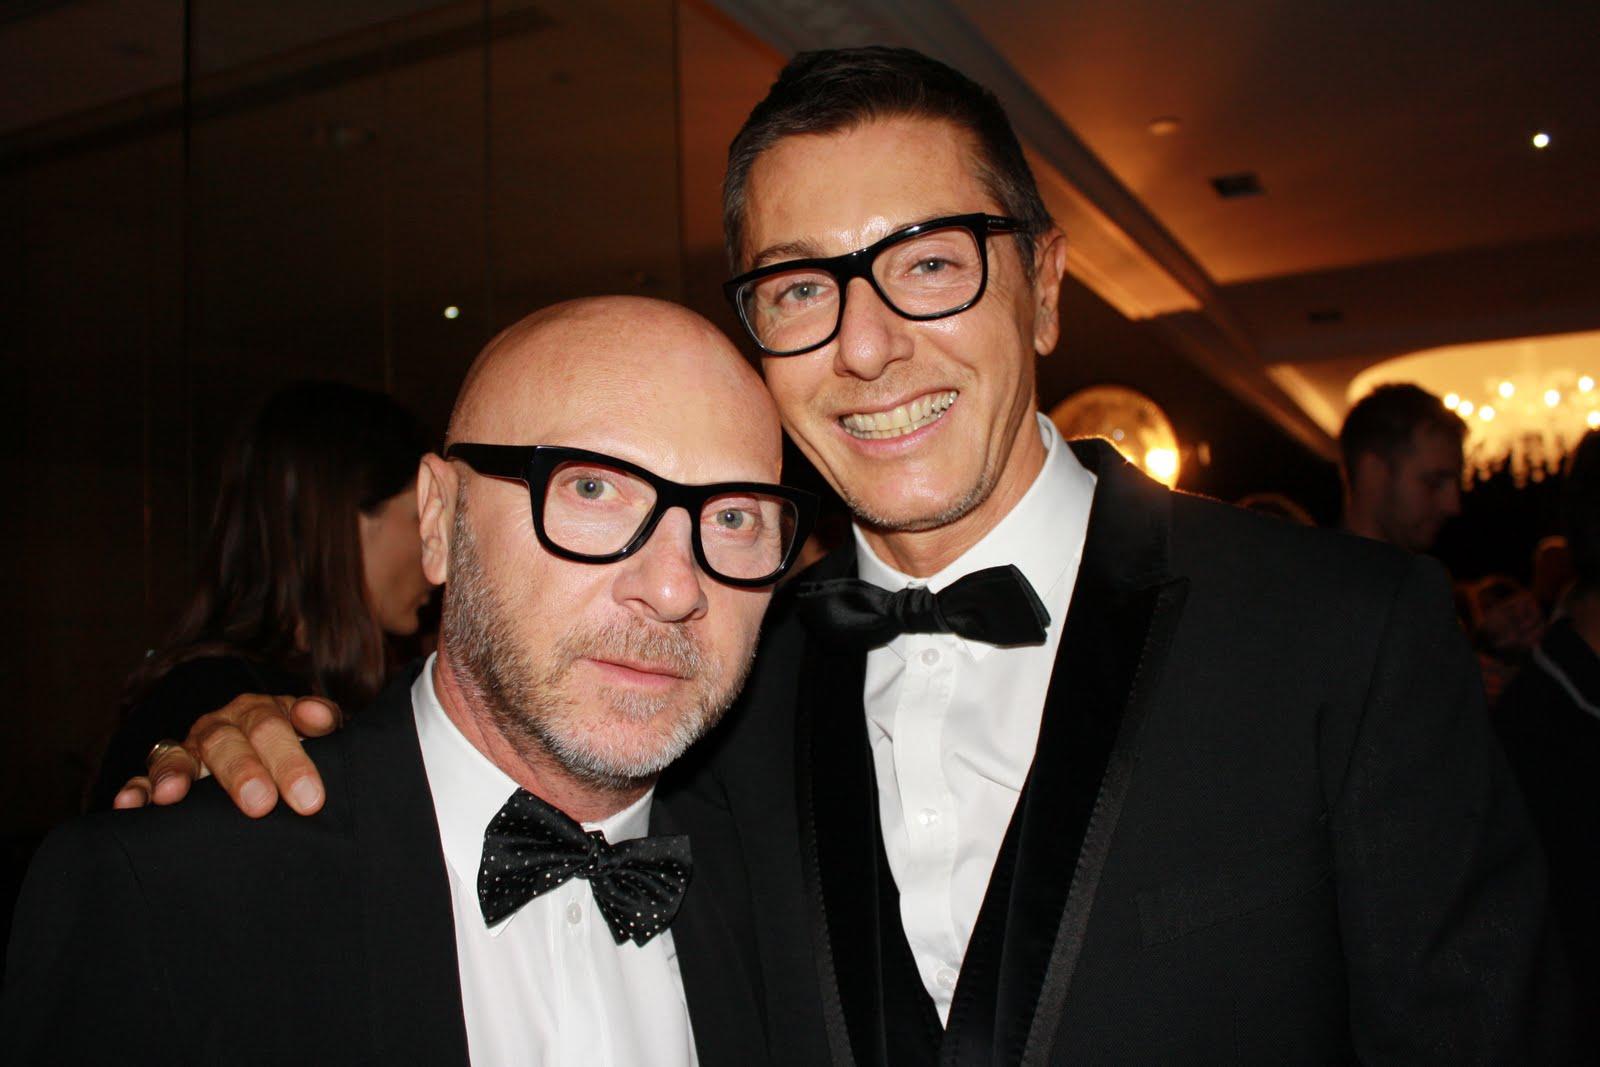 Speciál o módních značkách: Dolce & Gabbana 1